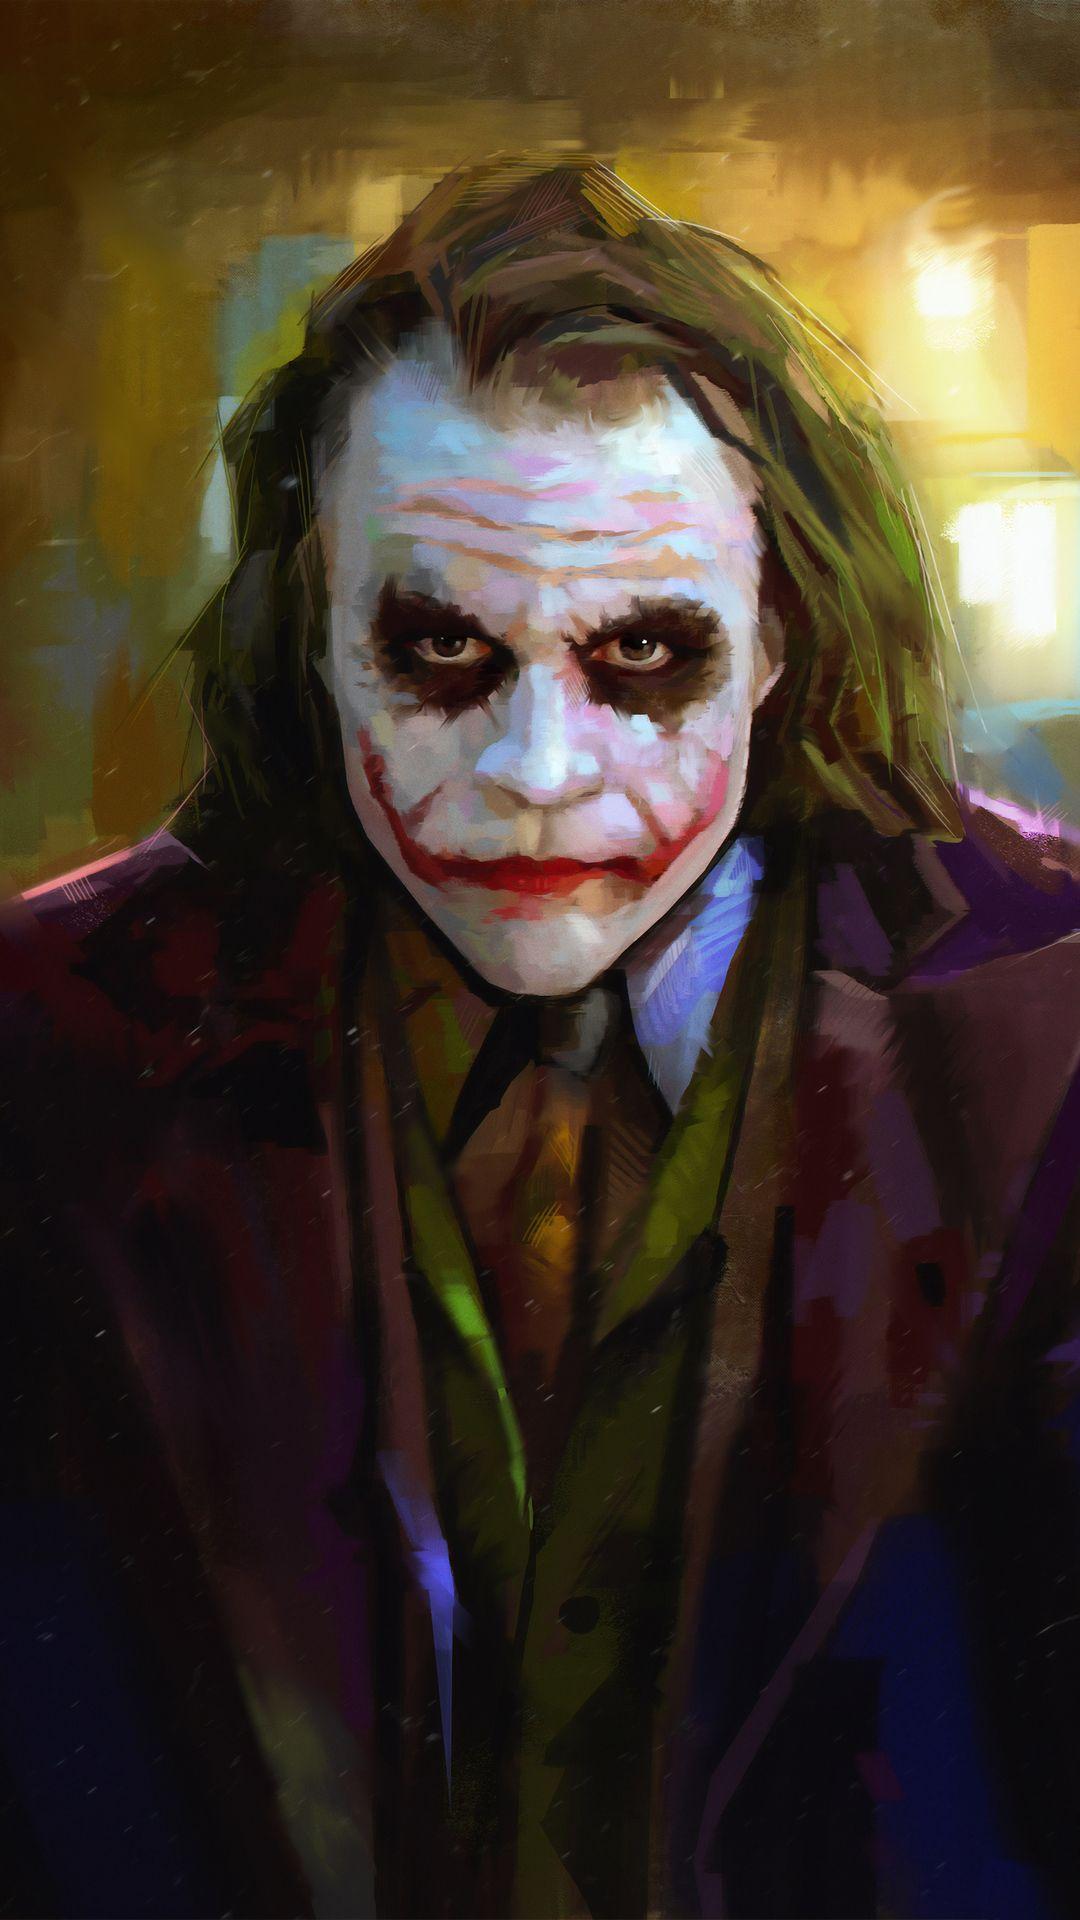 Joker Iphone Wallpaper Download Joker Iphone Iphonewallpaperz Com In 2020 Joker Iphone Wallpaper Joker Wallpapers Heath Ledger Joker Wallpaper